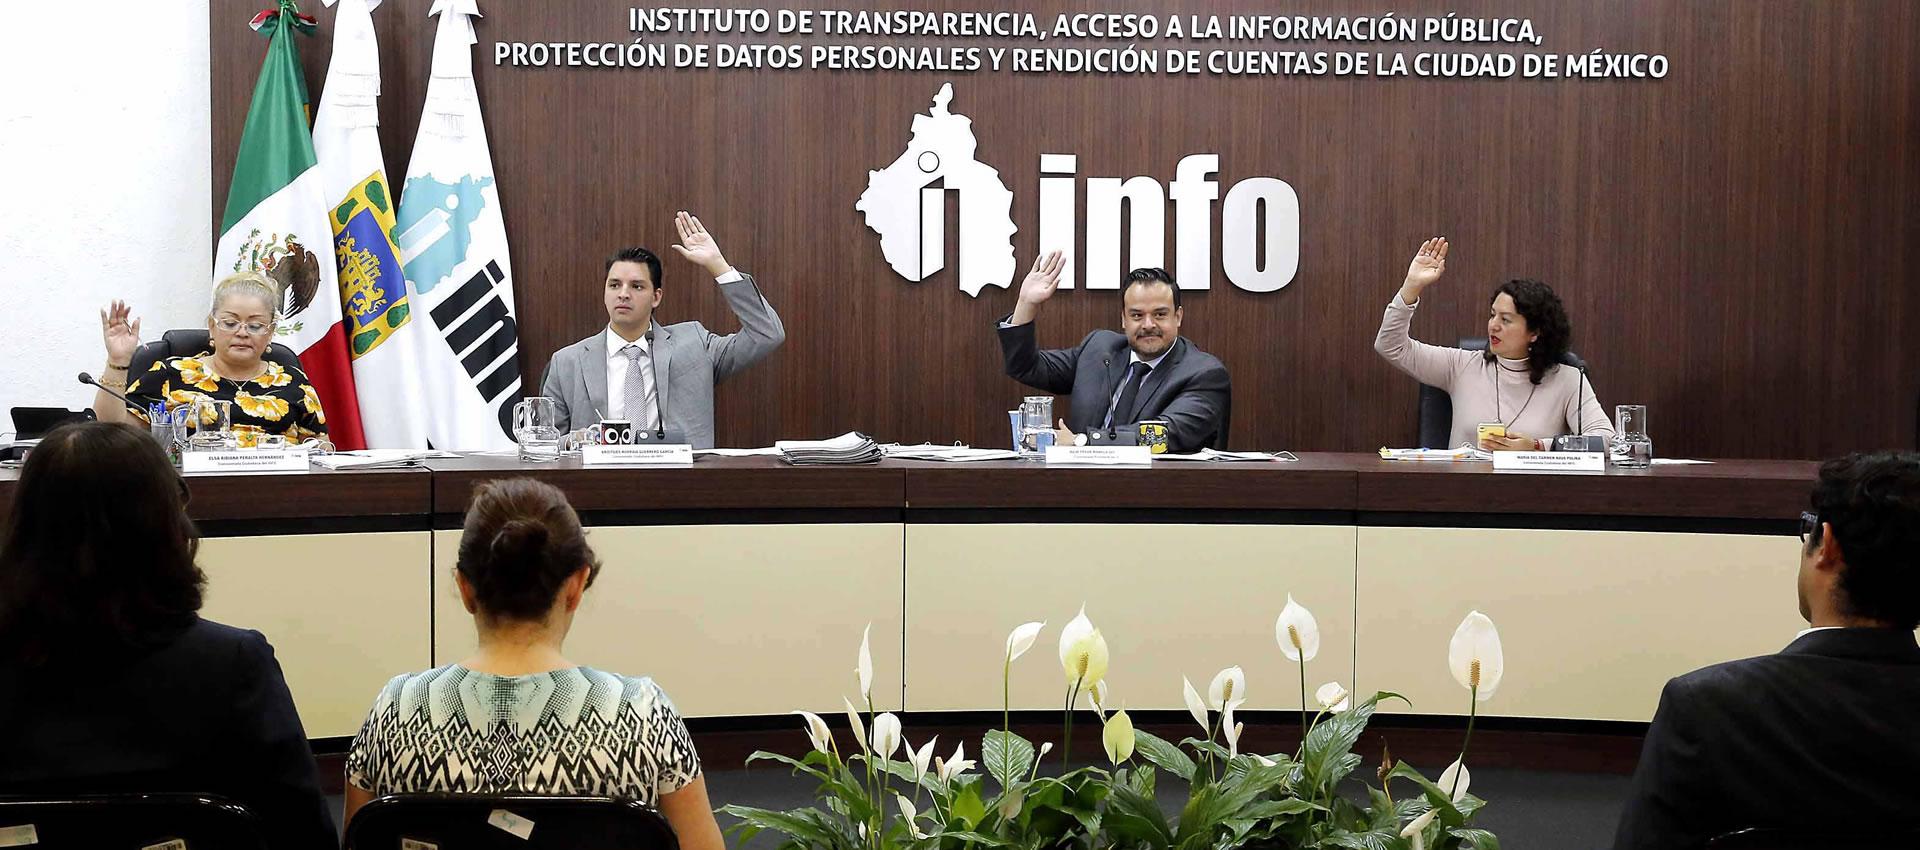 El INFO aprueba suscribir un Convenio de colaboración con la Comisión para la Reconstrucción de la CDMX